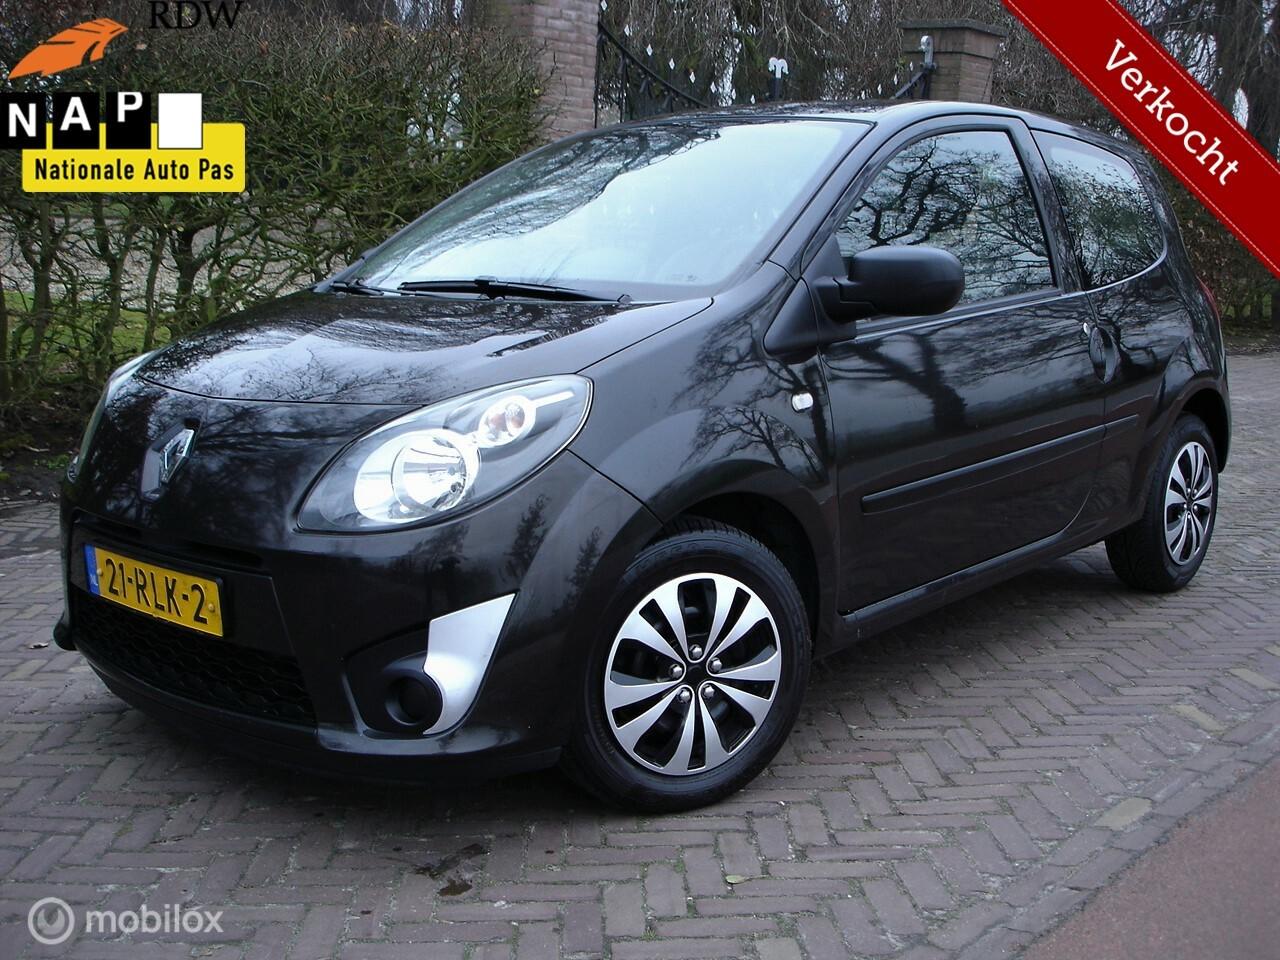 Renault Twingo 1.2-16V Authentique (Bj 2011')  Verkocht!